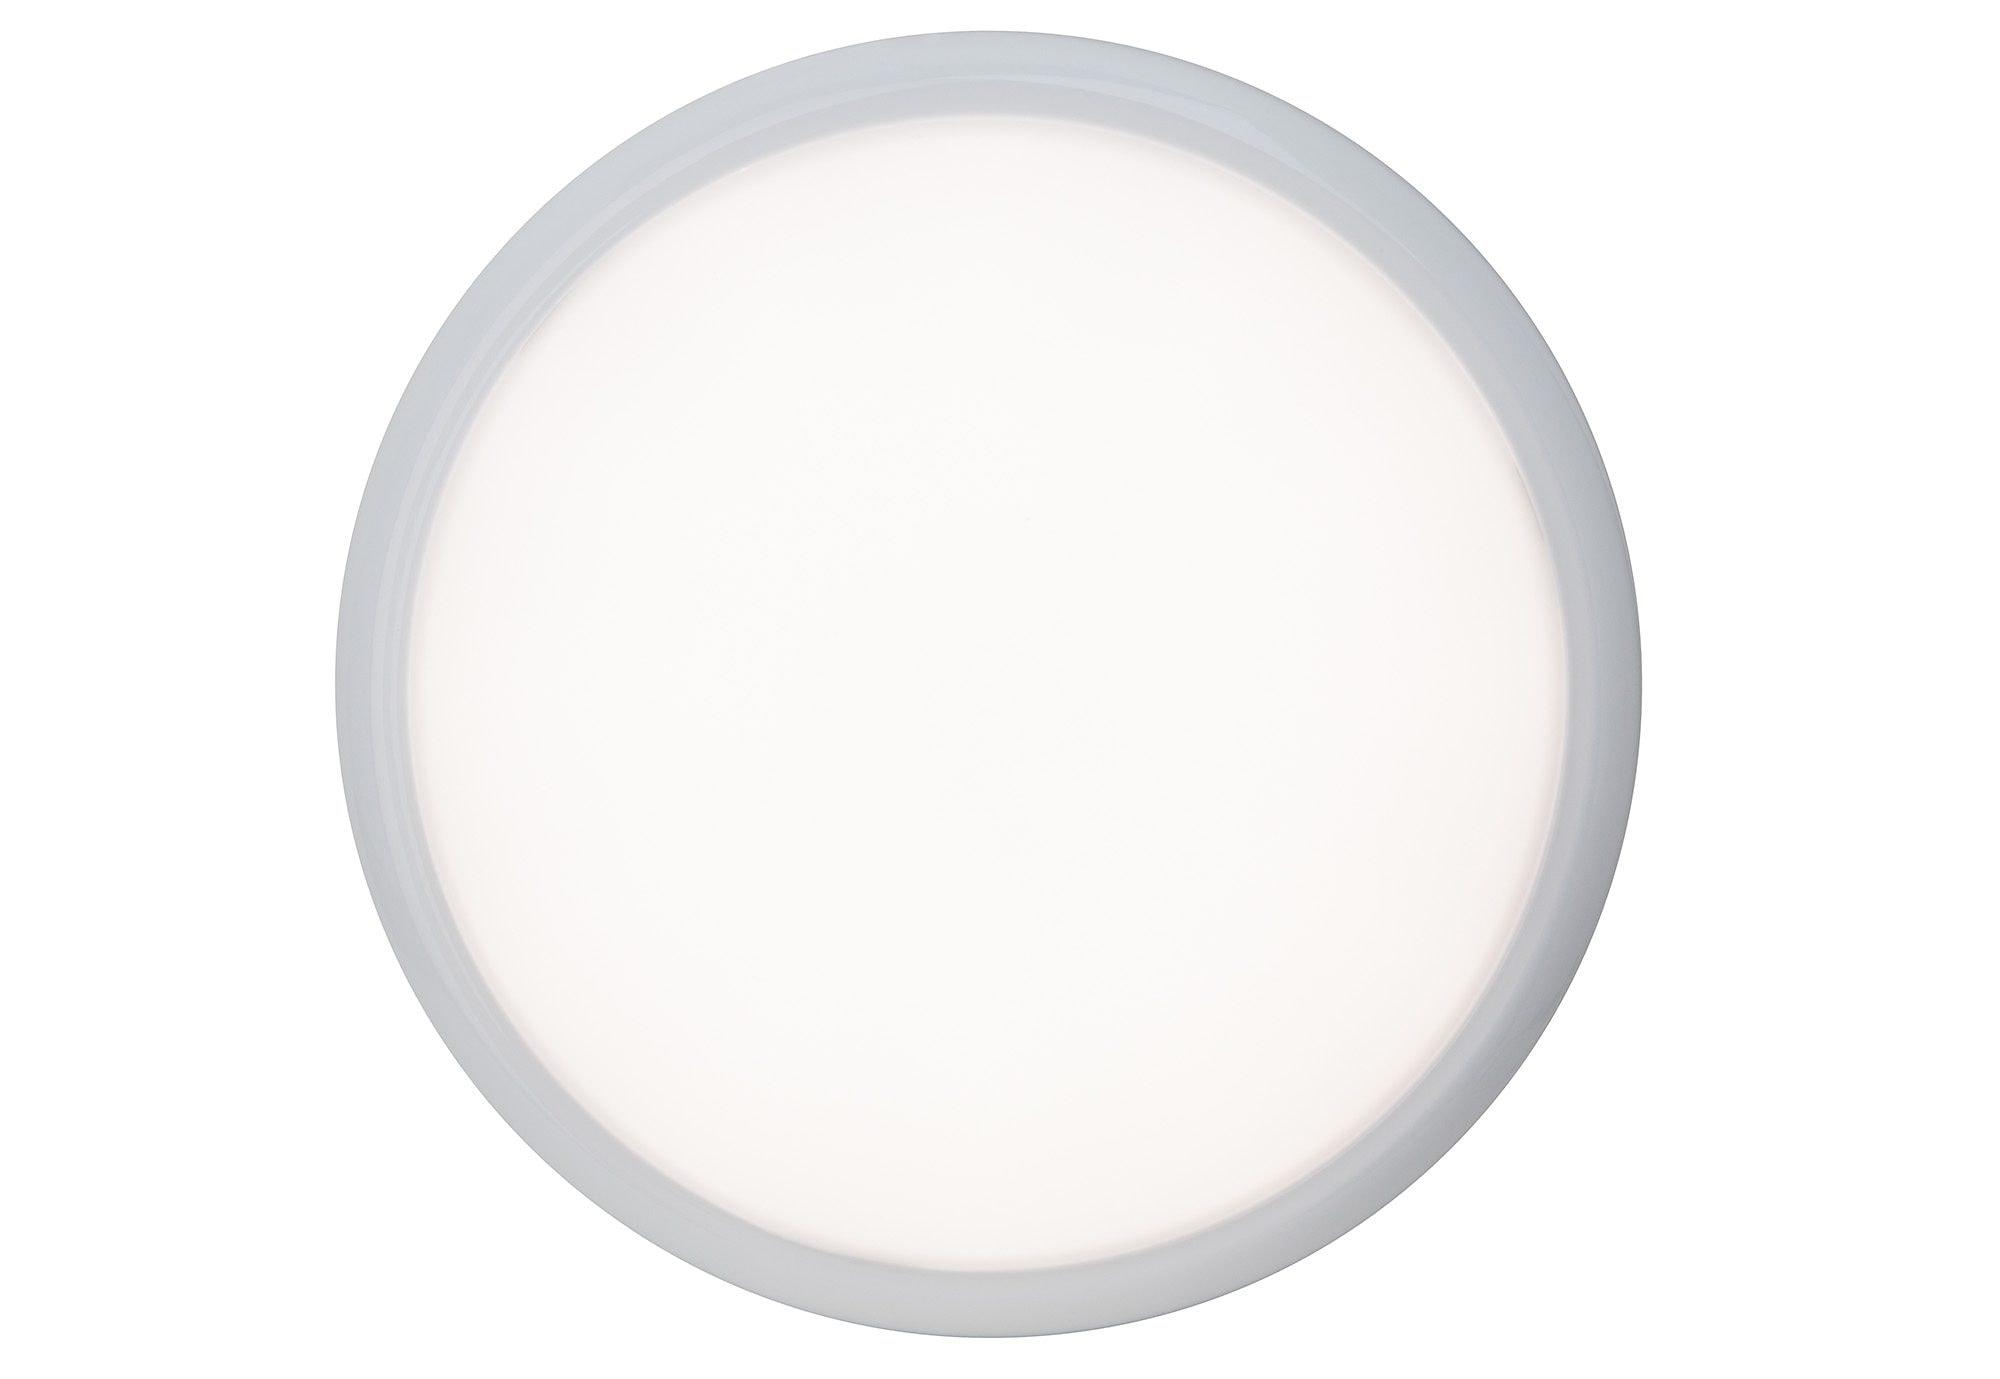 Brilliant Leuchten LED Deckenleuchte Vigor, LED Deckenlampe